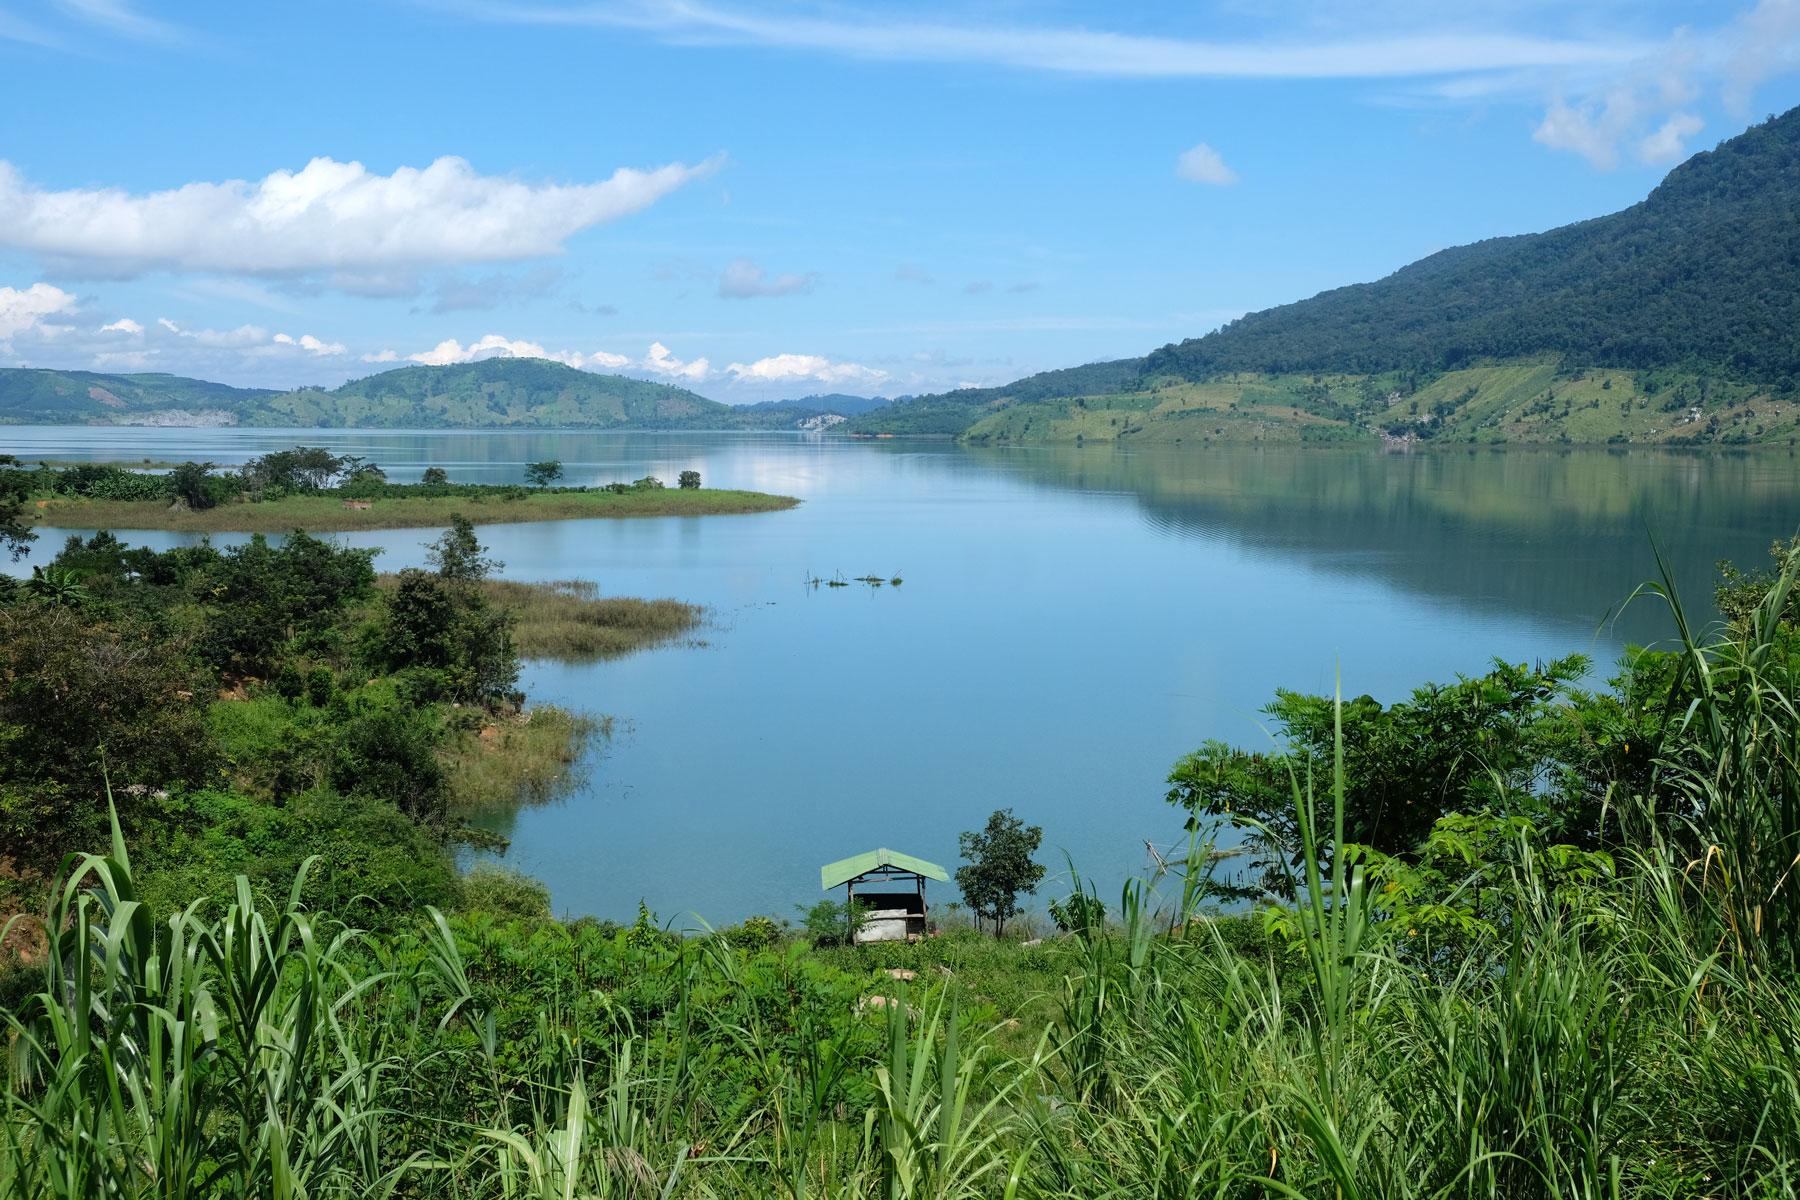 Das Buôn Tha Sra Reservoir im Hochland Vietnams.